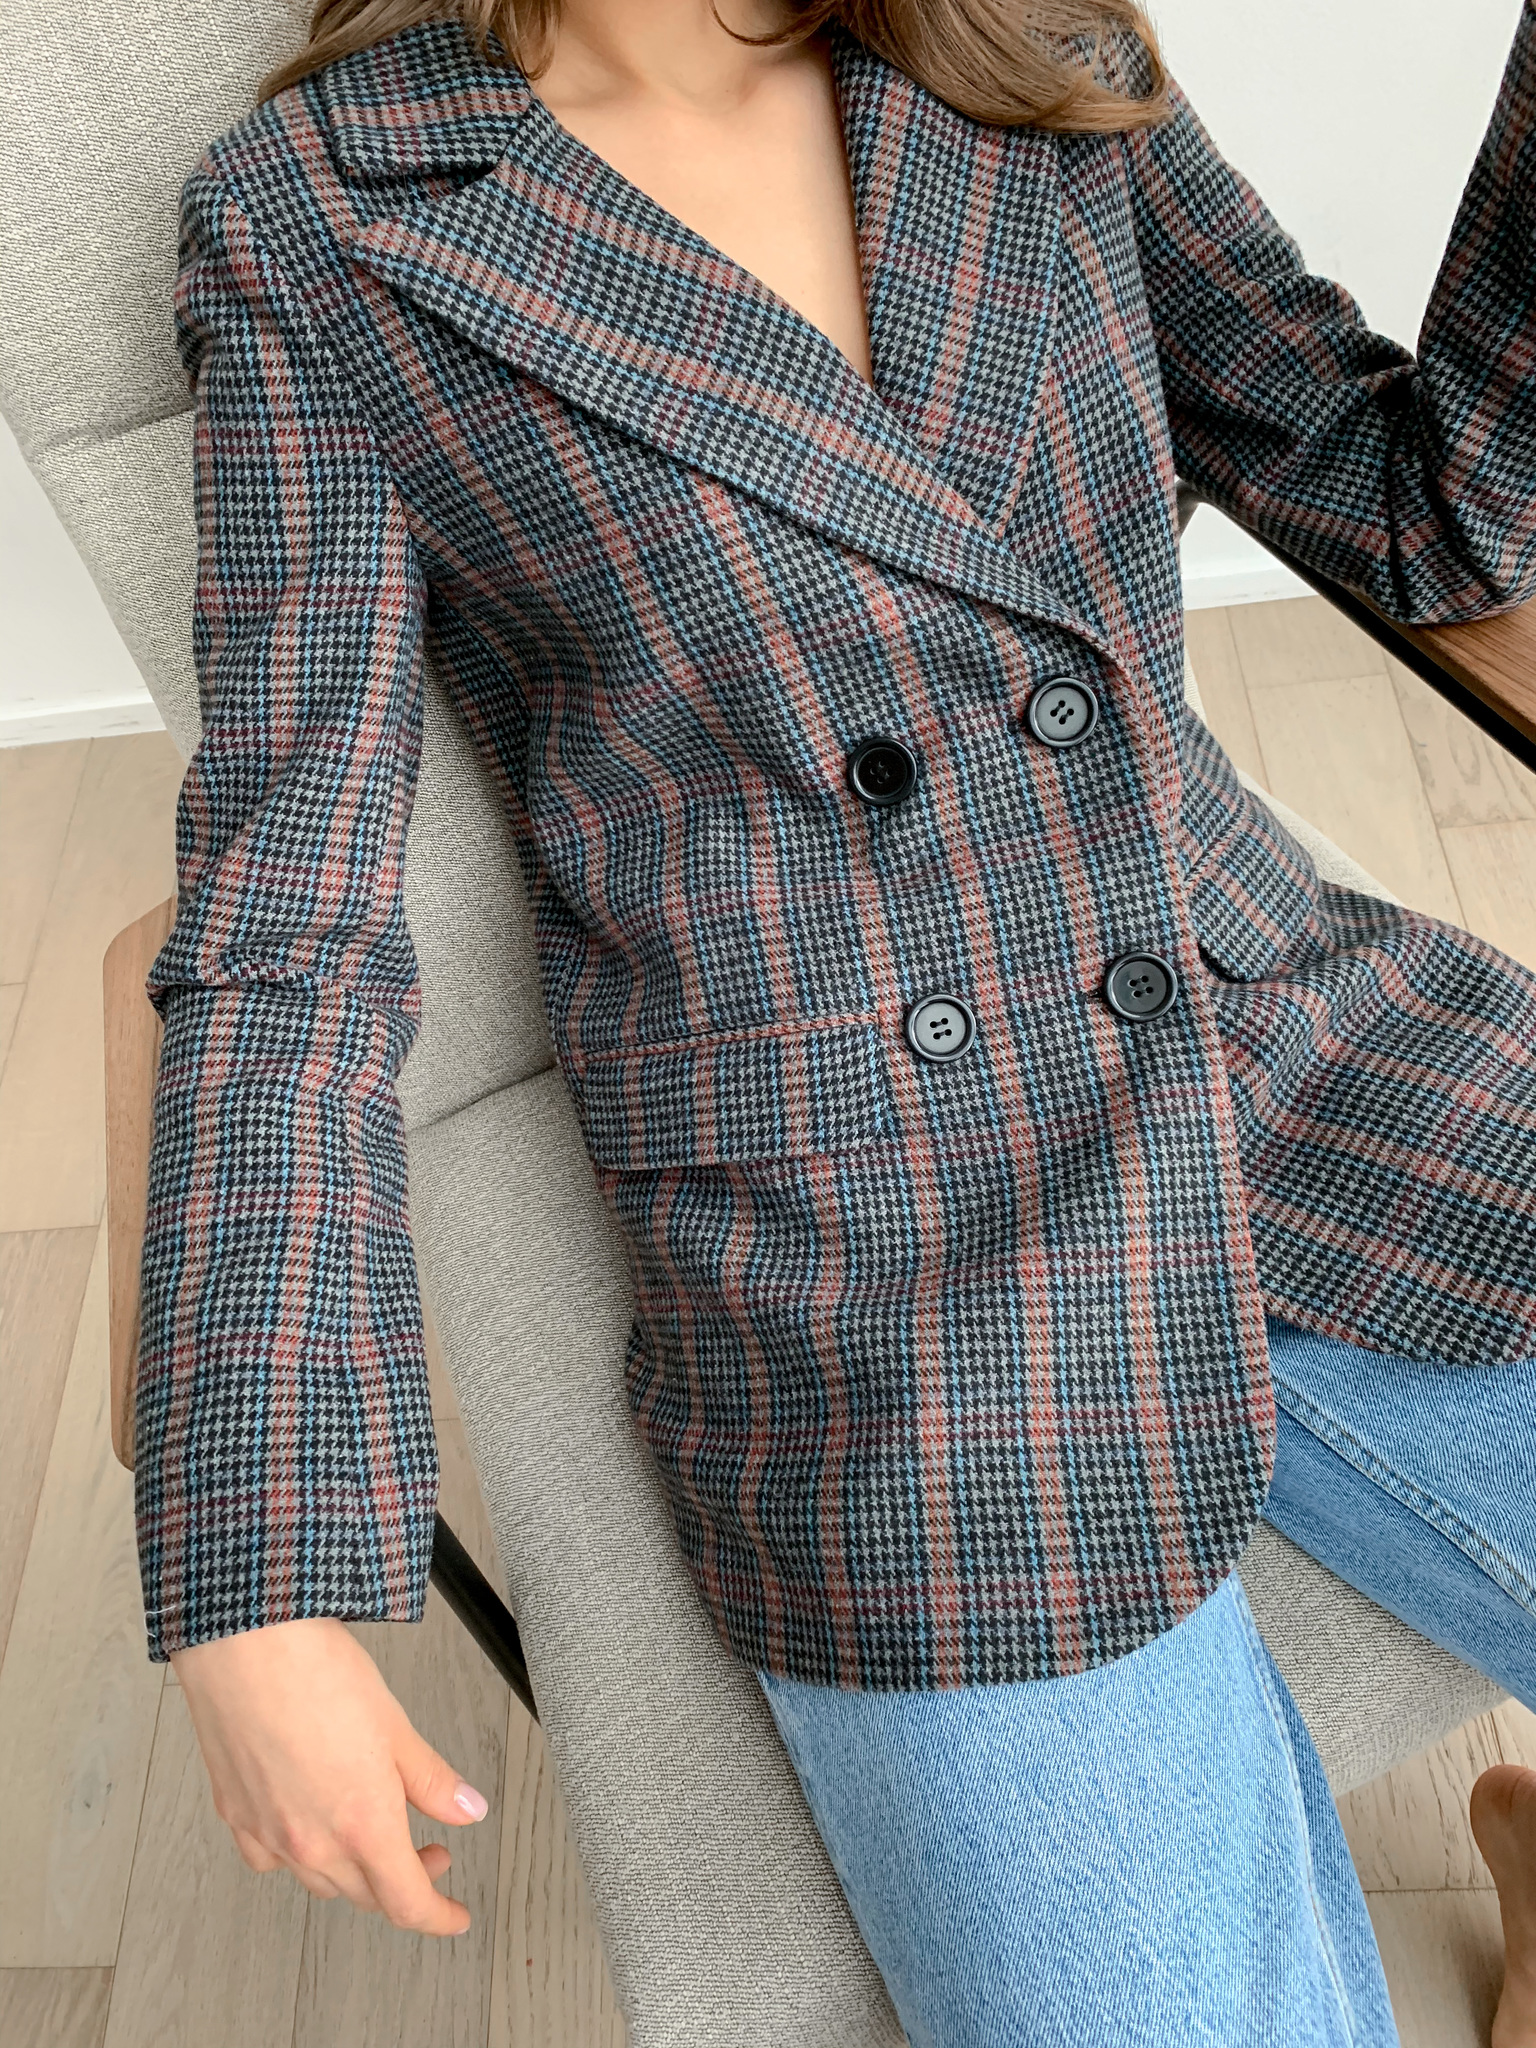 Пиджак прямой двубортный в клетку из шерсти (сине-серый)